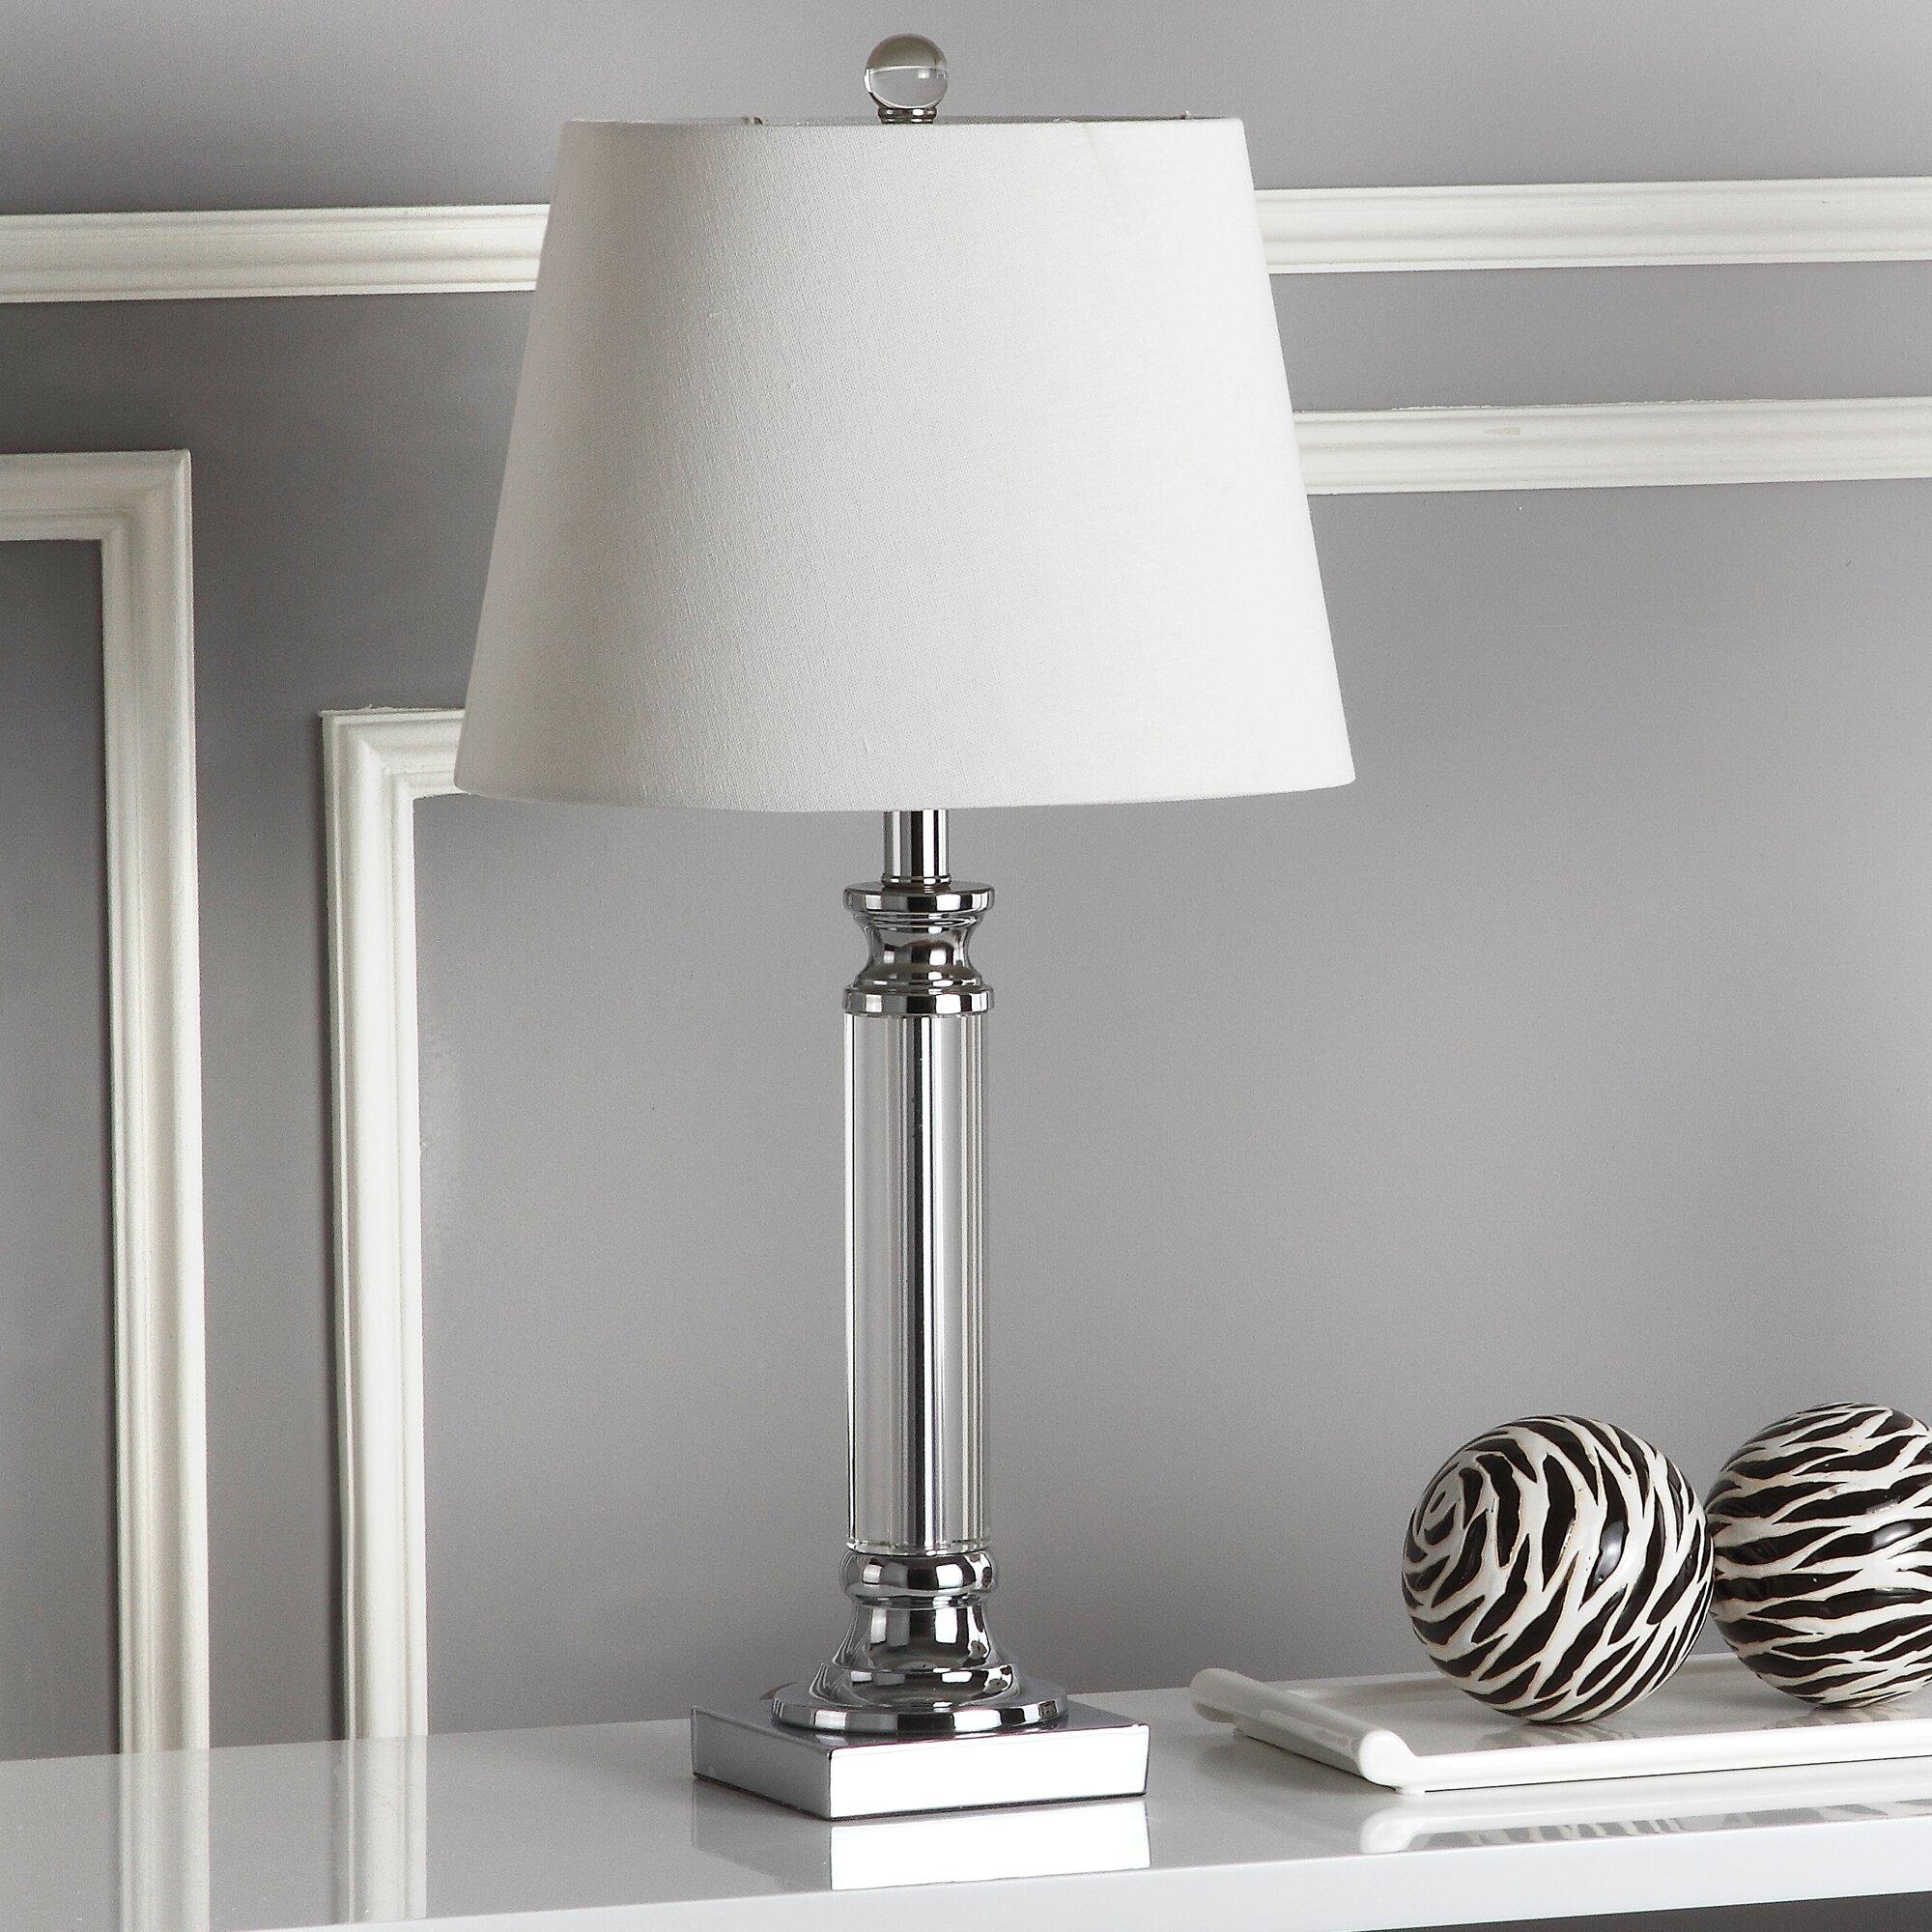 Safavieh Zara 23 5 Quot Table Lamp Amp Reviews Wayfair Ca